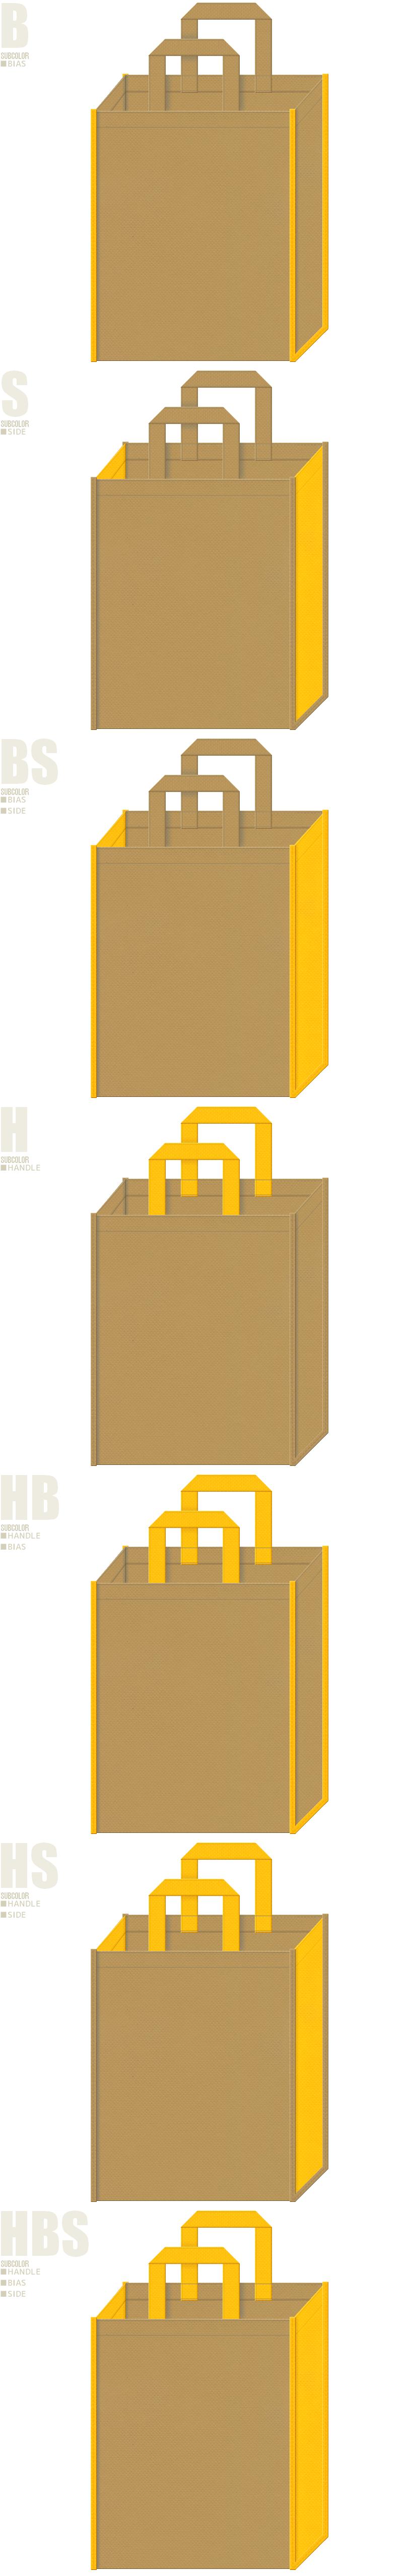 金色系黄土色と黄色、7パターンの不織布トートバッグ配色デザイン例。作業用品・安全用品の展示会用バッグにお奨めです。